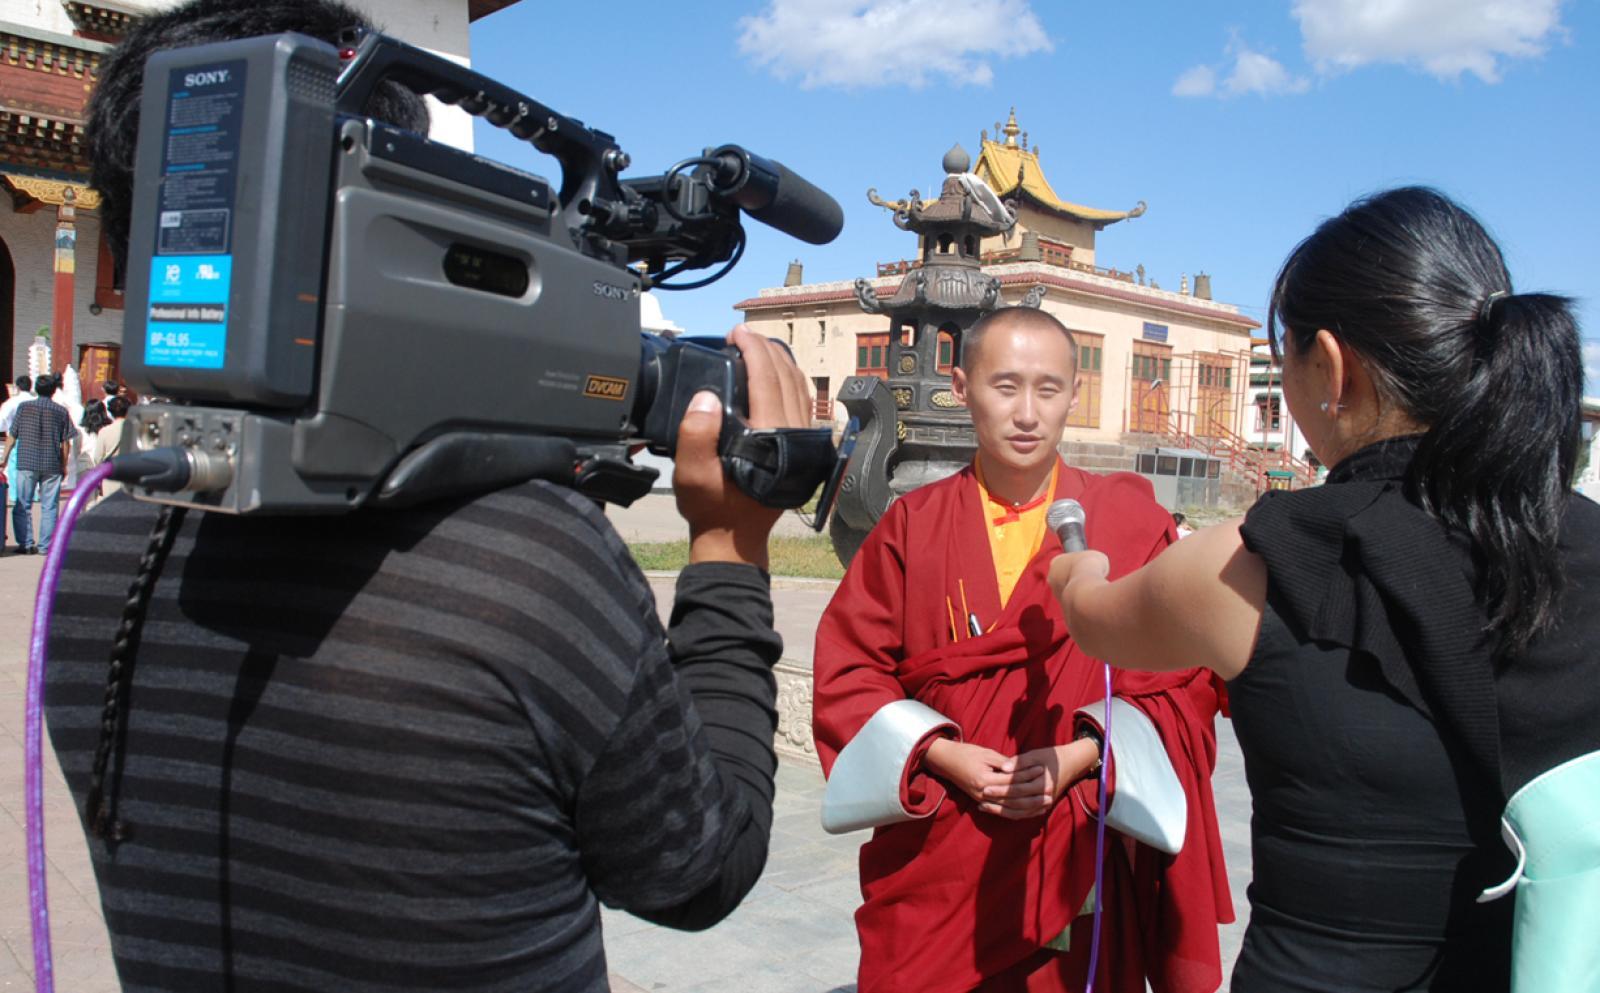 海外の現場でジャーナリストとして国際経験を積むインターンの様子